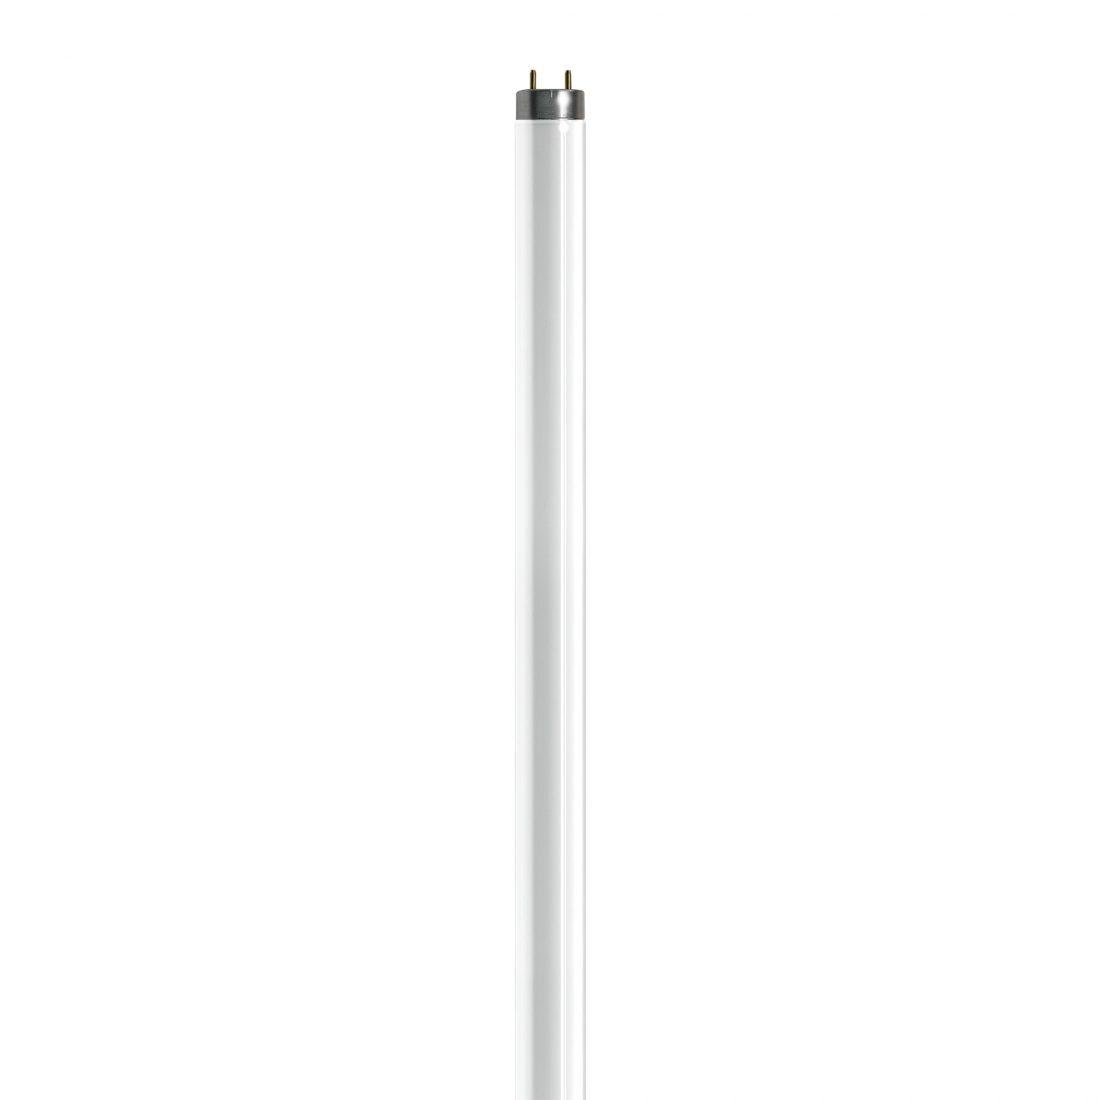 Zilla T8 Fluorescent Light Bulbs For Terrarium Lighting